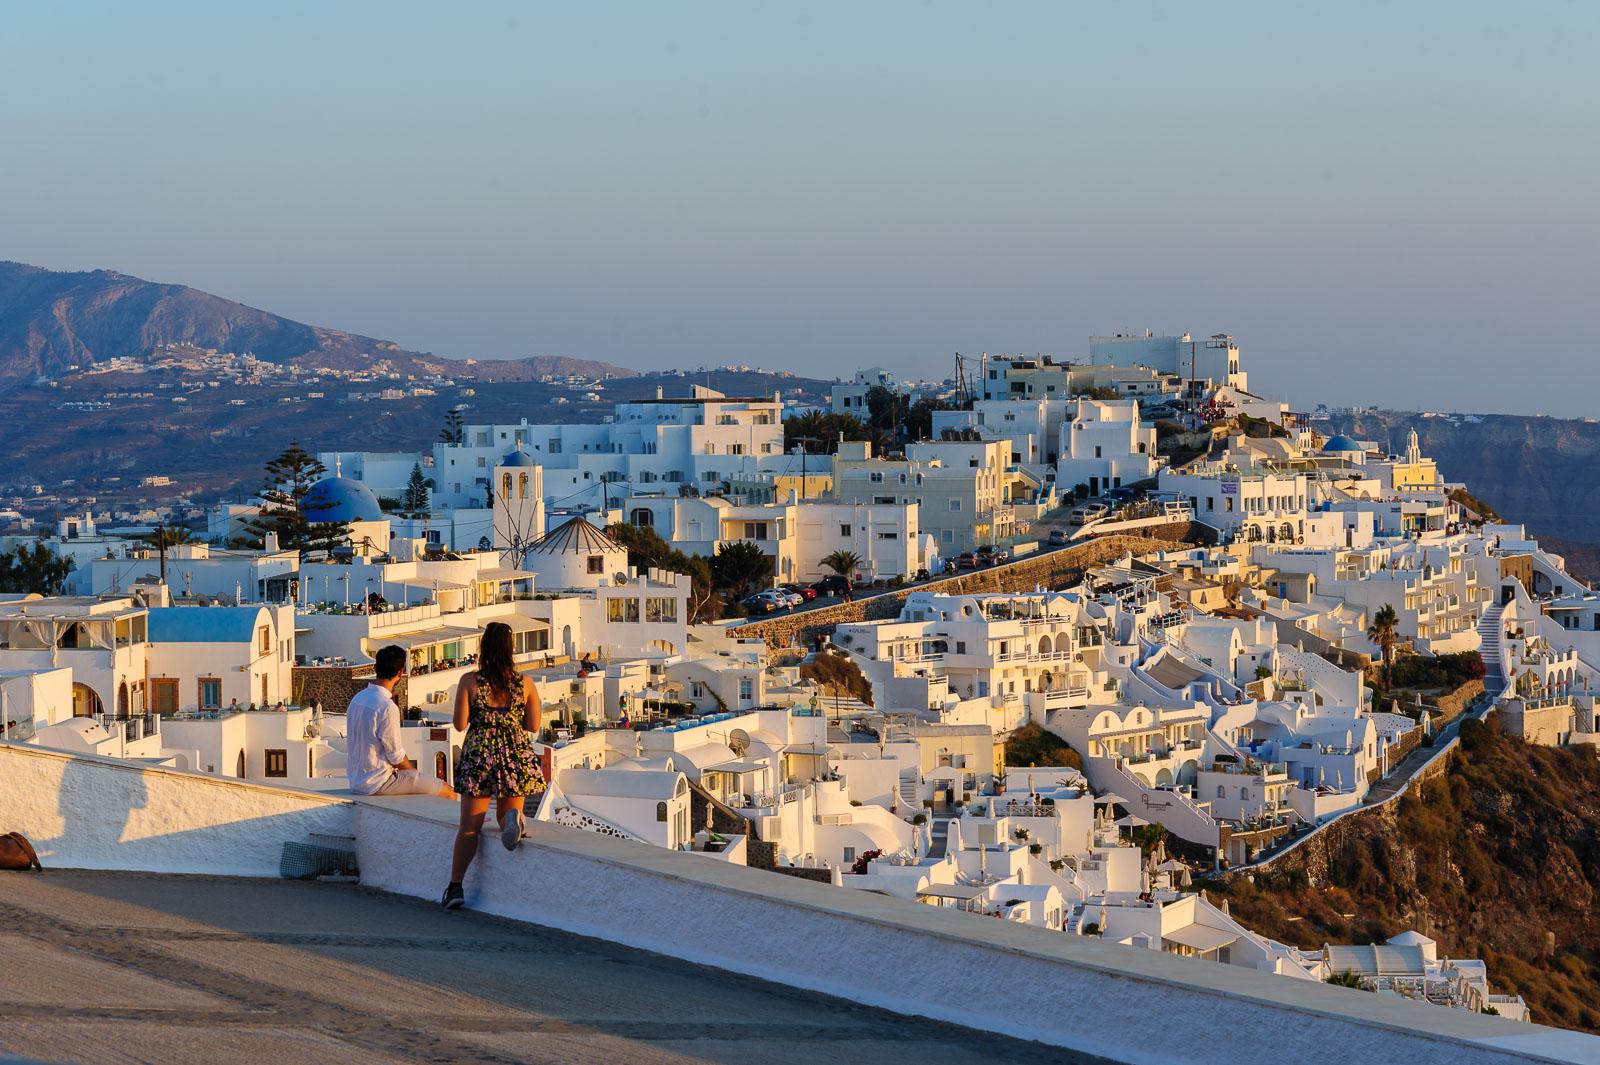 View over Caldera and Imerovigli